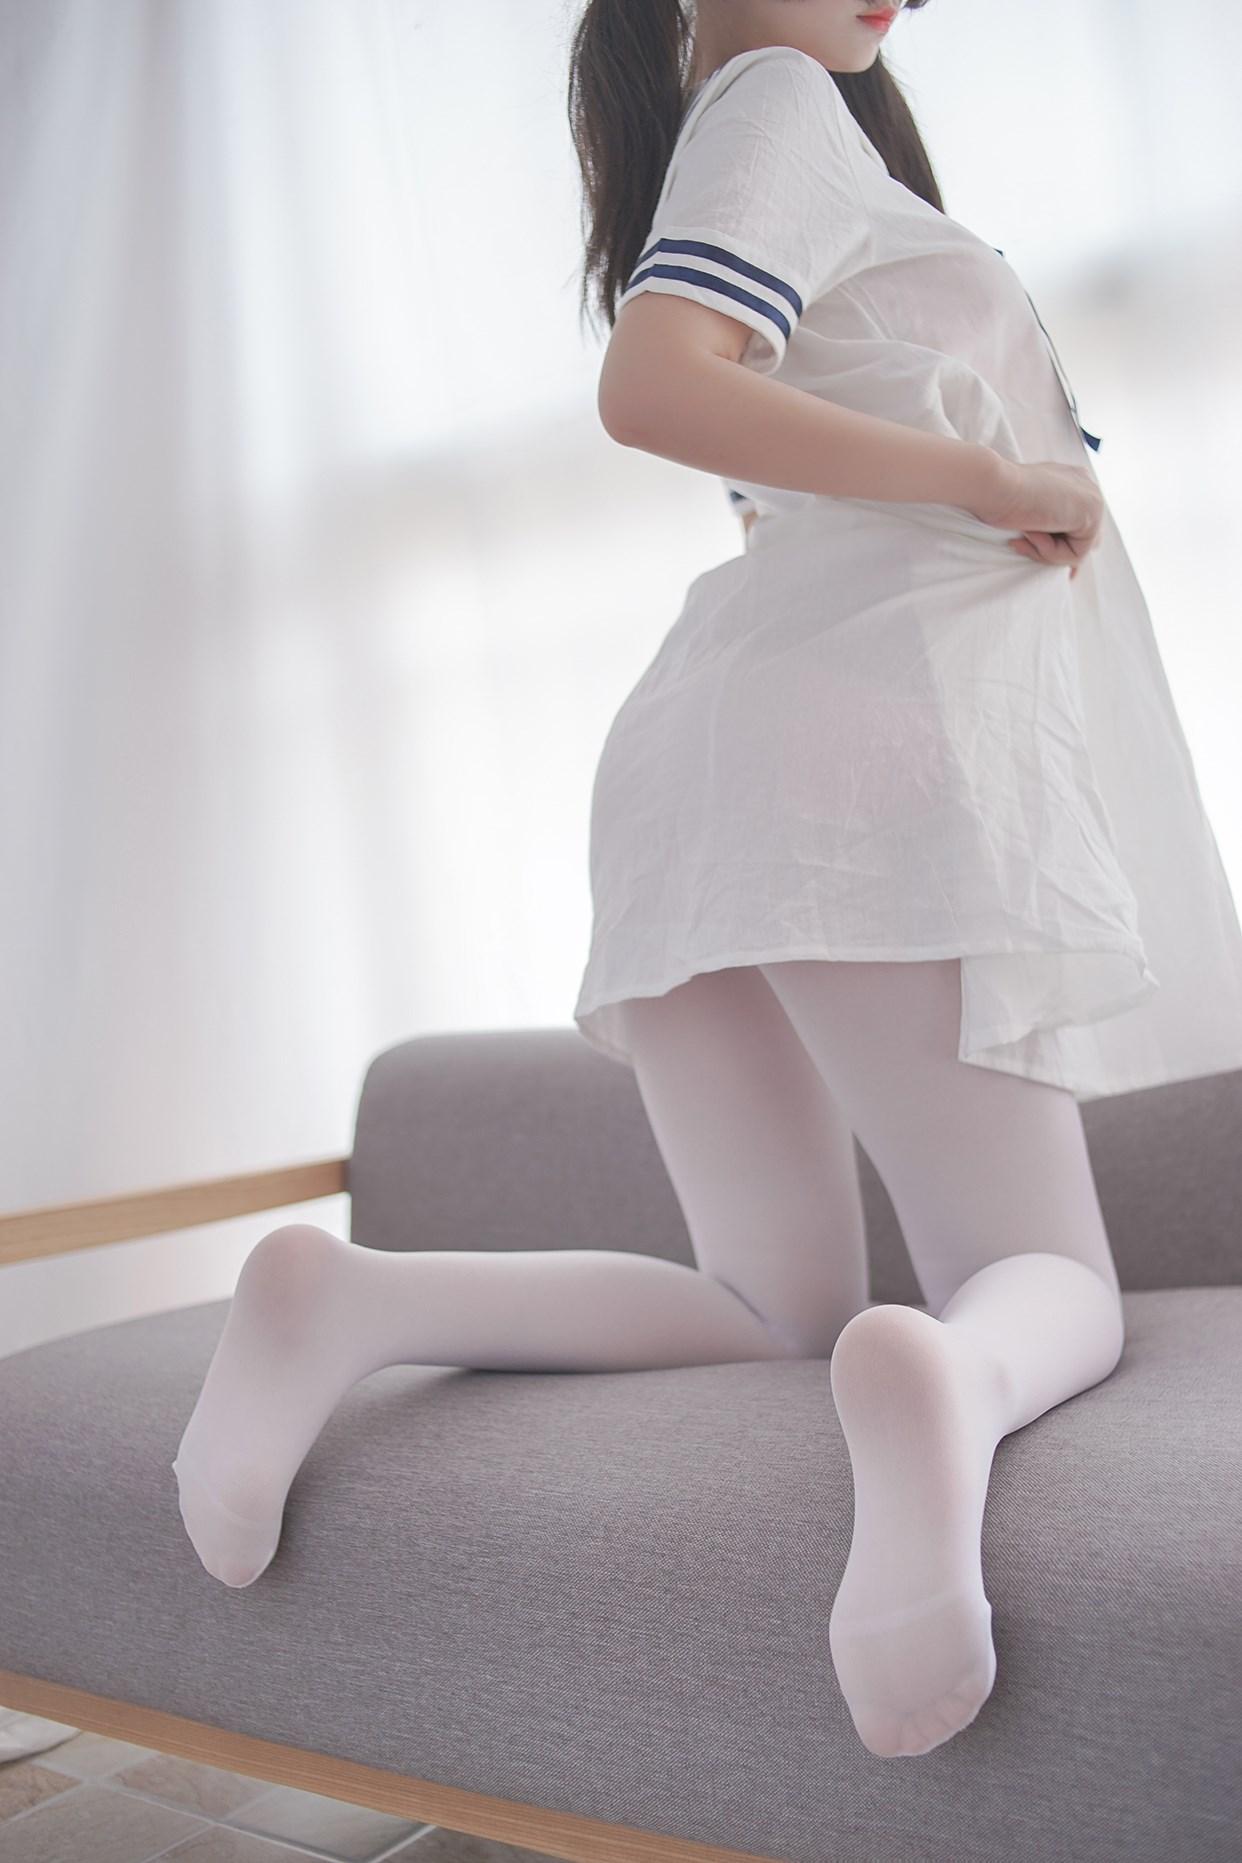 【兔玩映画】白丝喵喵 兔玩映画 第15张